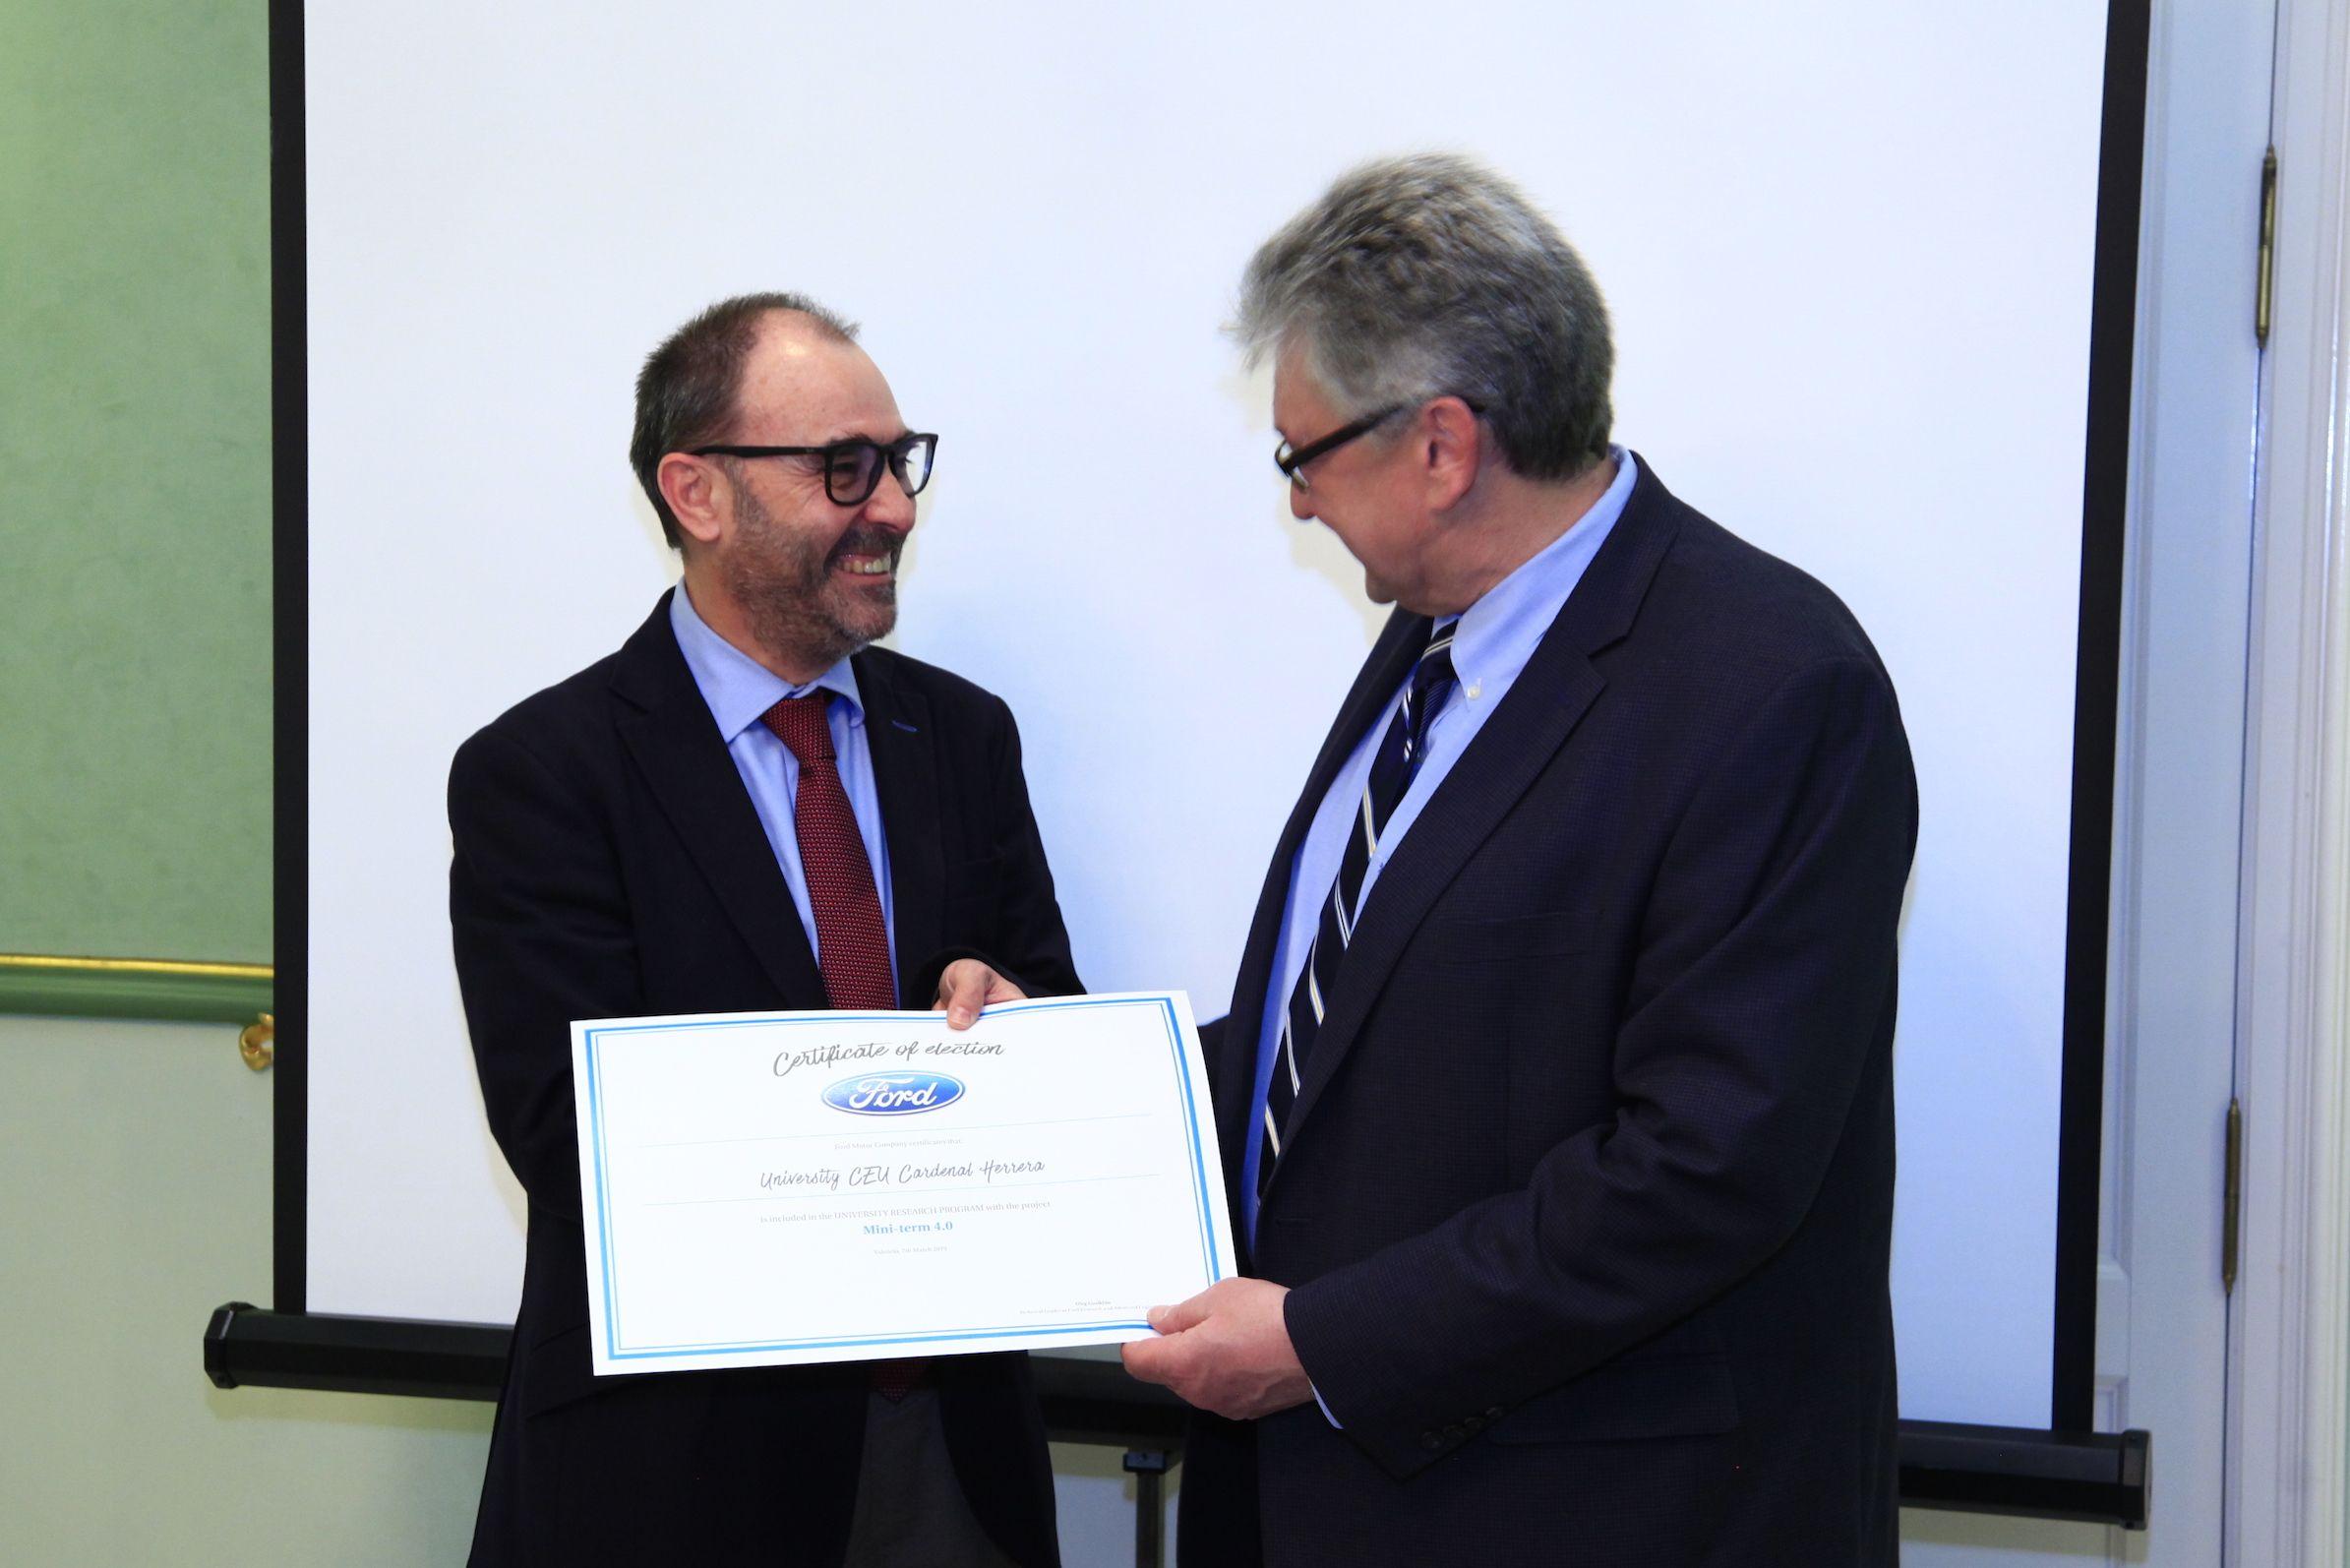 El vicerrector de Investigación de la CEU UCH, Ignacio Pérez Roger, recibe el diploma como universidad colaboradora del URP de Ford de manos de Oleg Gusikhin, Technical Leader de la sede central de Ford en Deaborn.